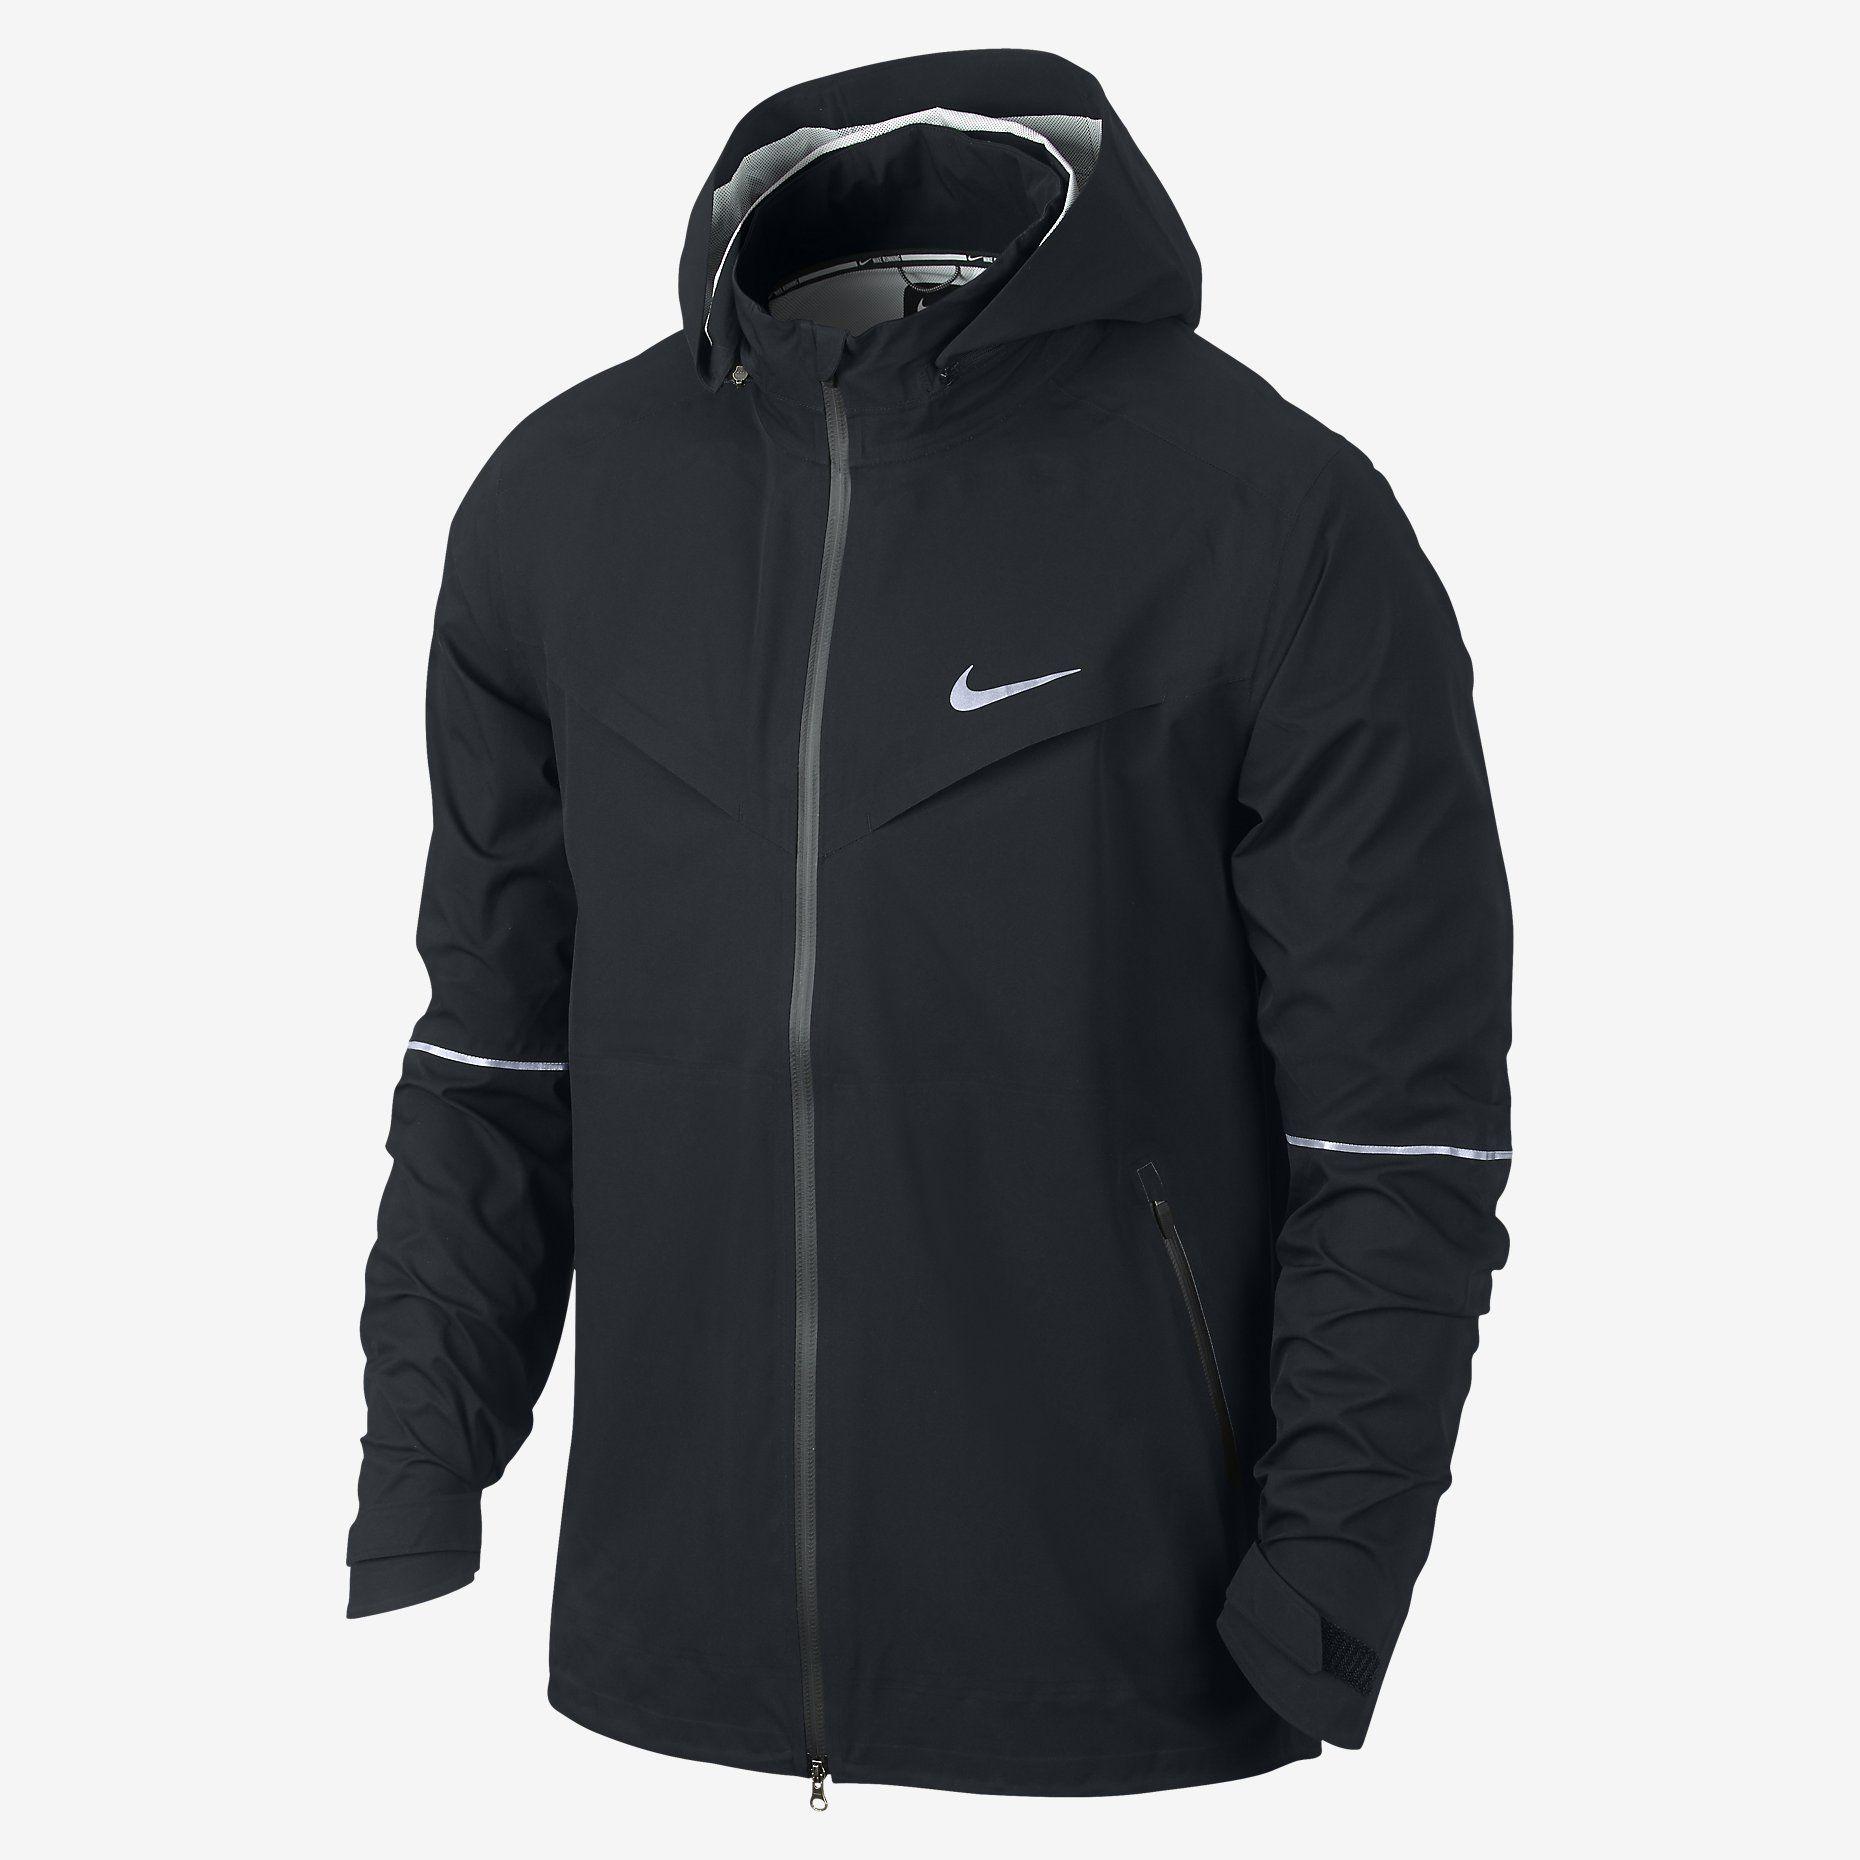 38d9b91e7d6e Nike Rain Runner Men s Running Jacket.  300.00